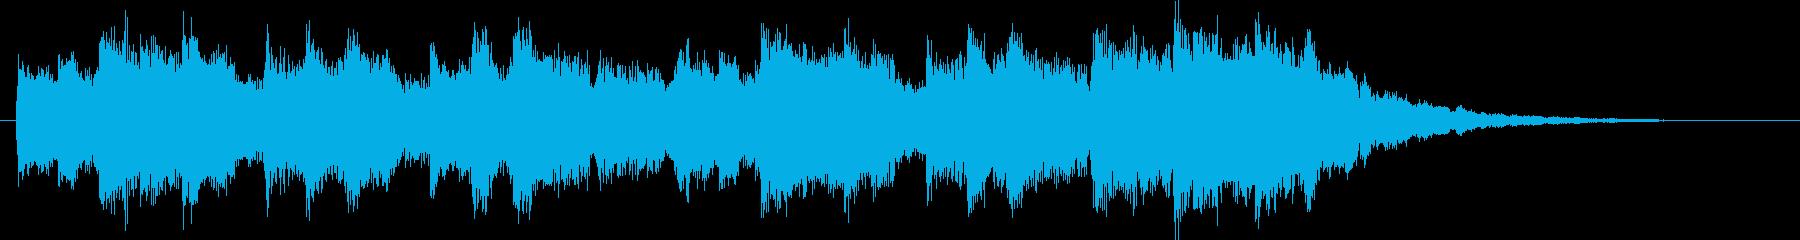 さわやかなクリスタルチャイムの再生済みの波形